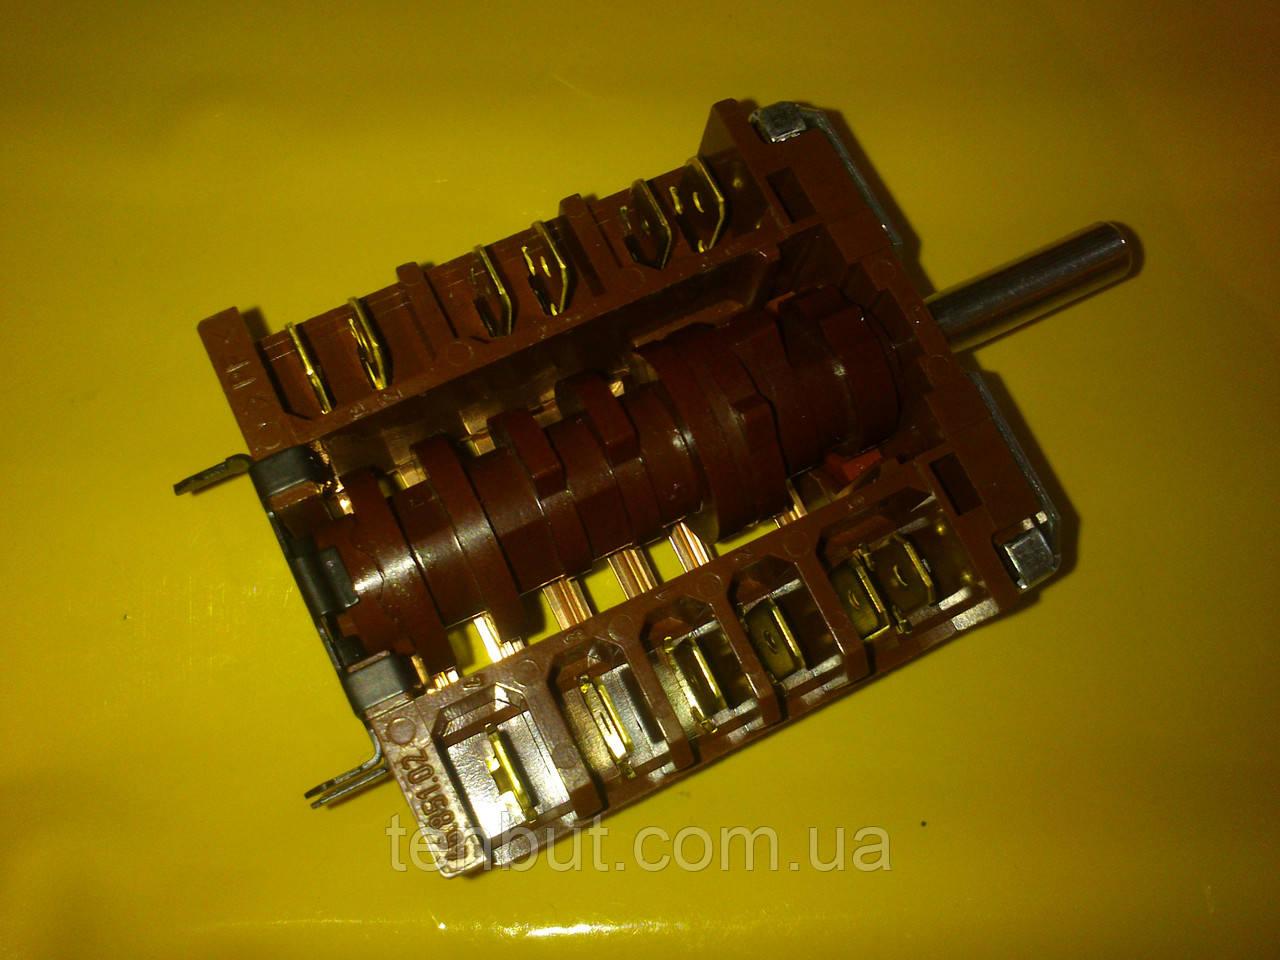 Переключатель для электродуховок ПМ 46.23866.834 EGO производство Германия